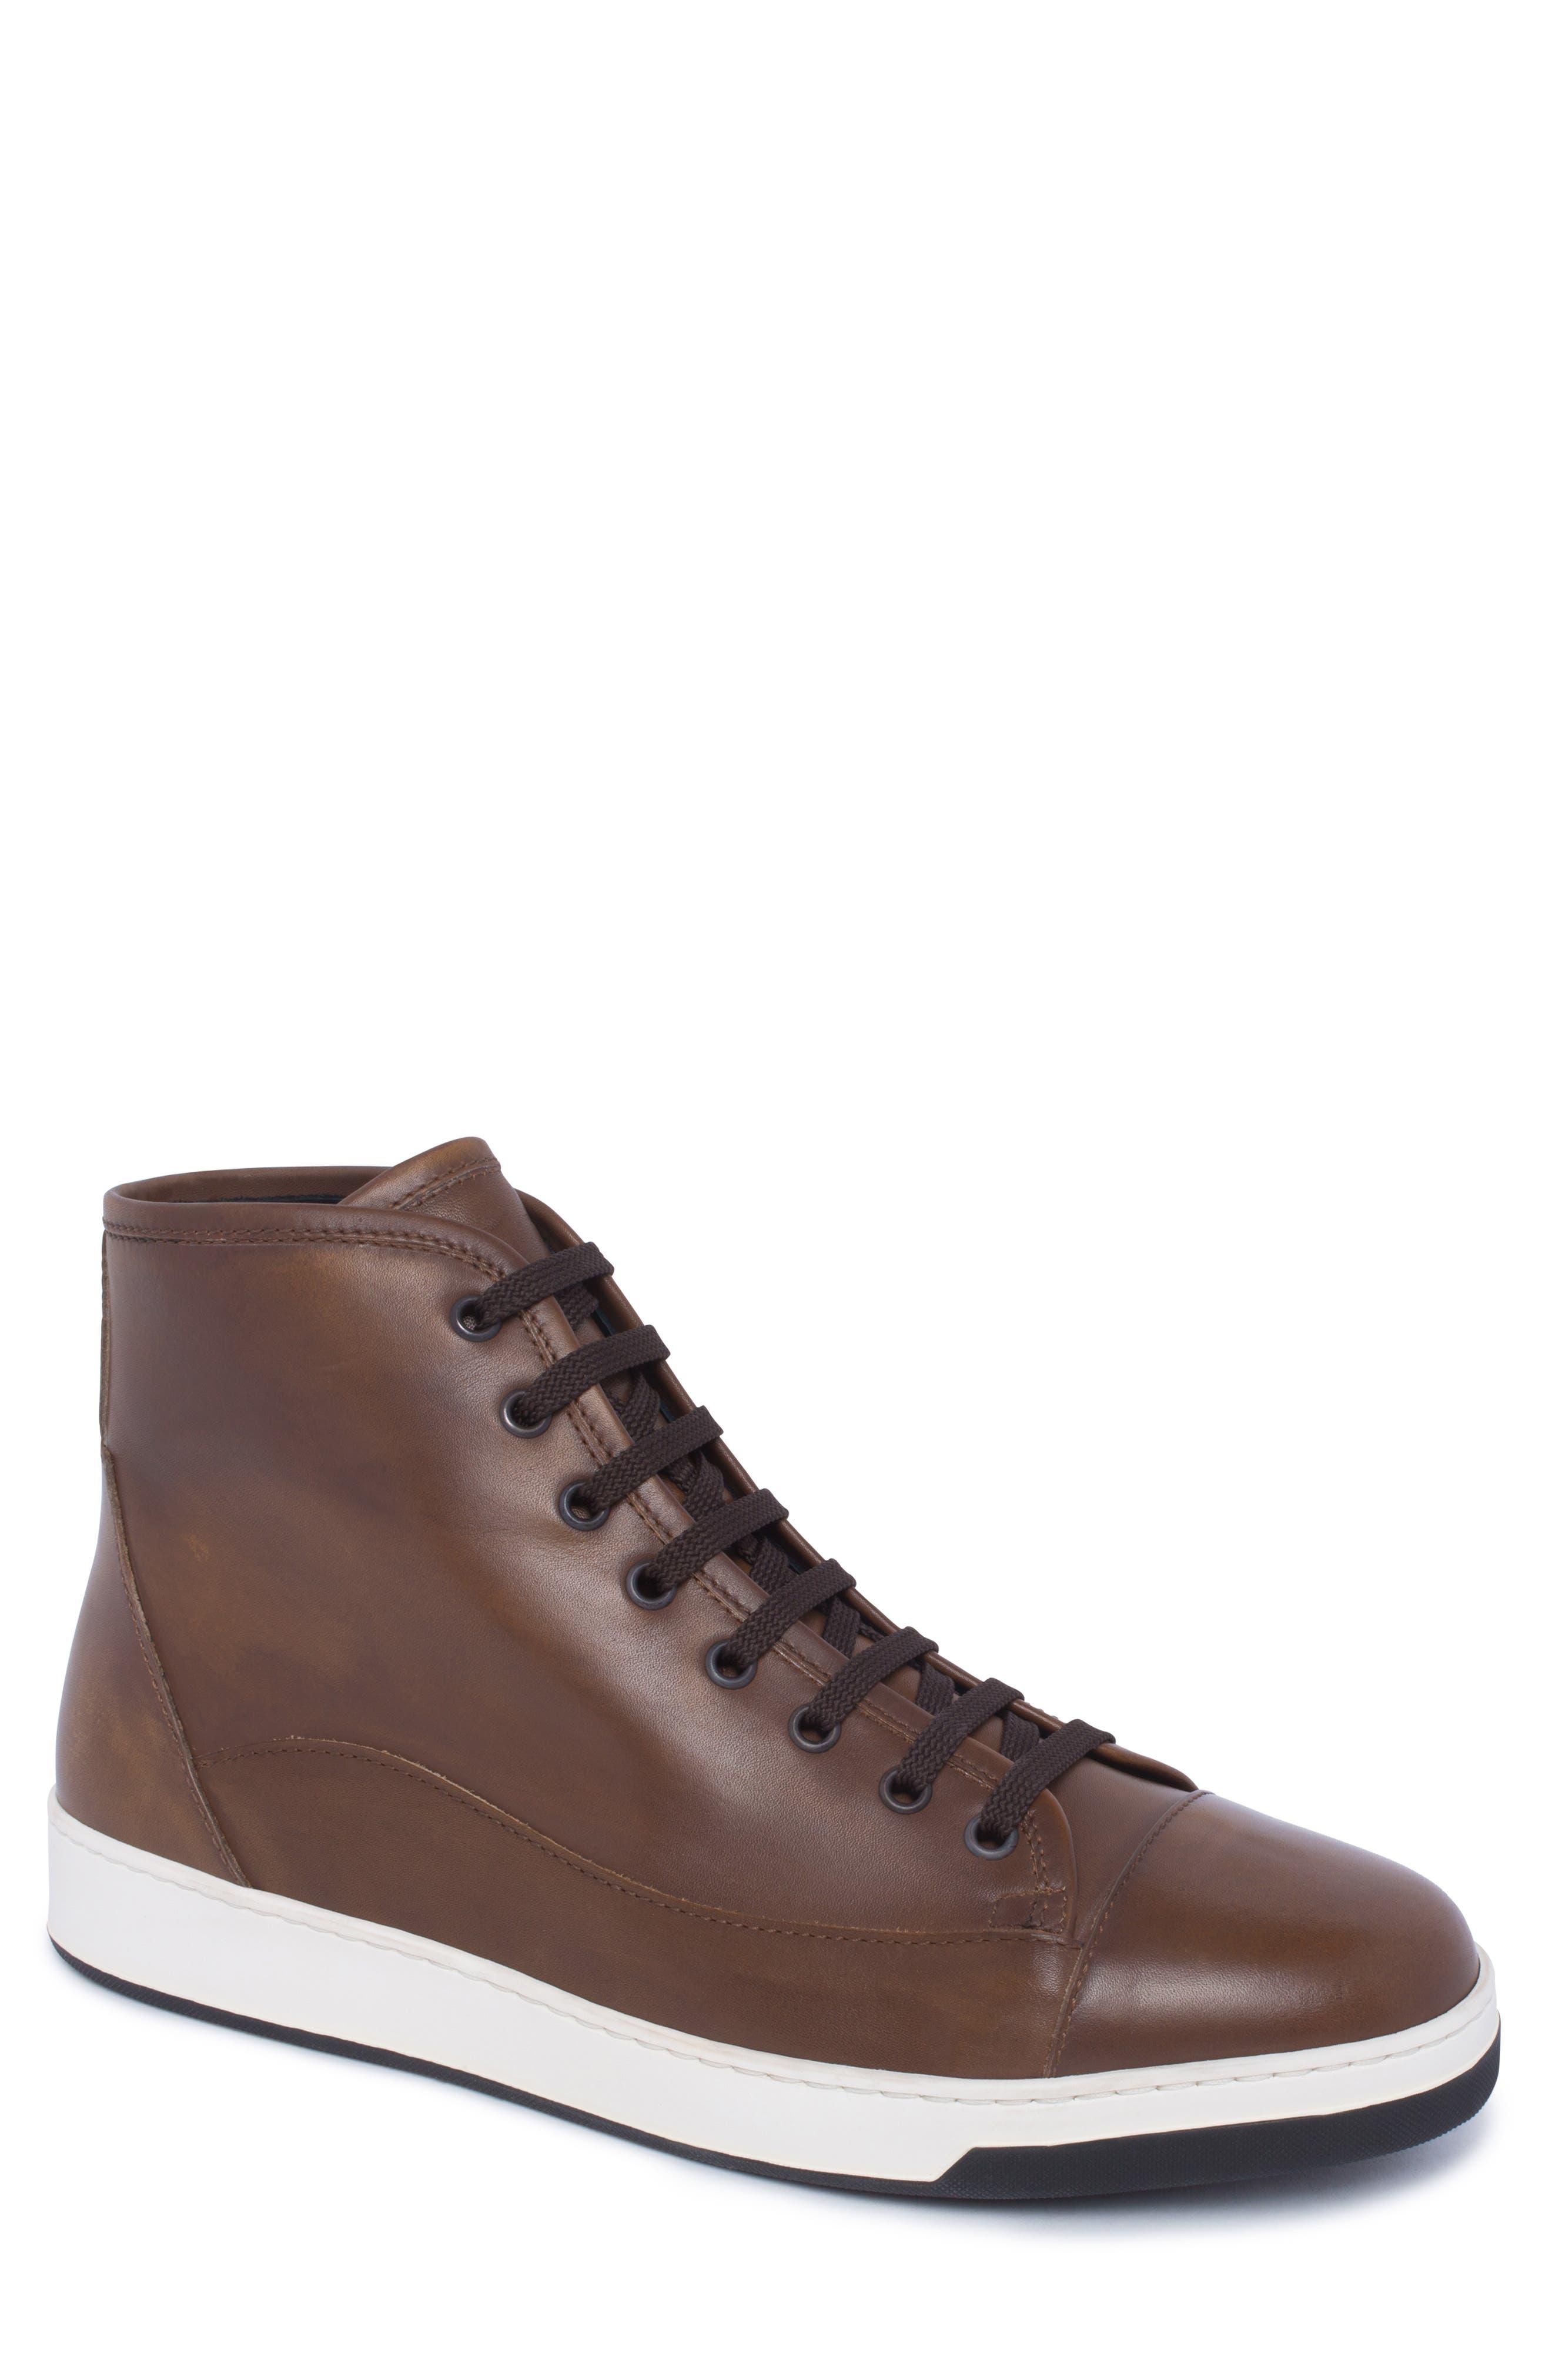 Venezia Sneaker,                         Main,                         color, BROWN